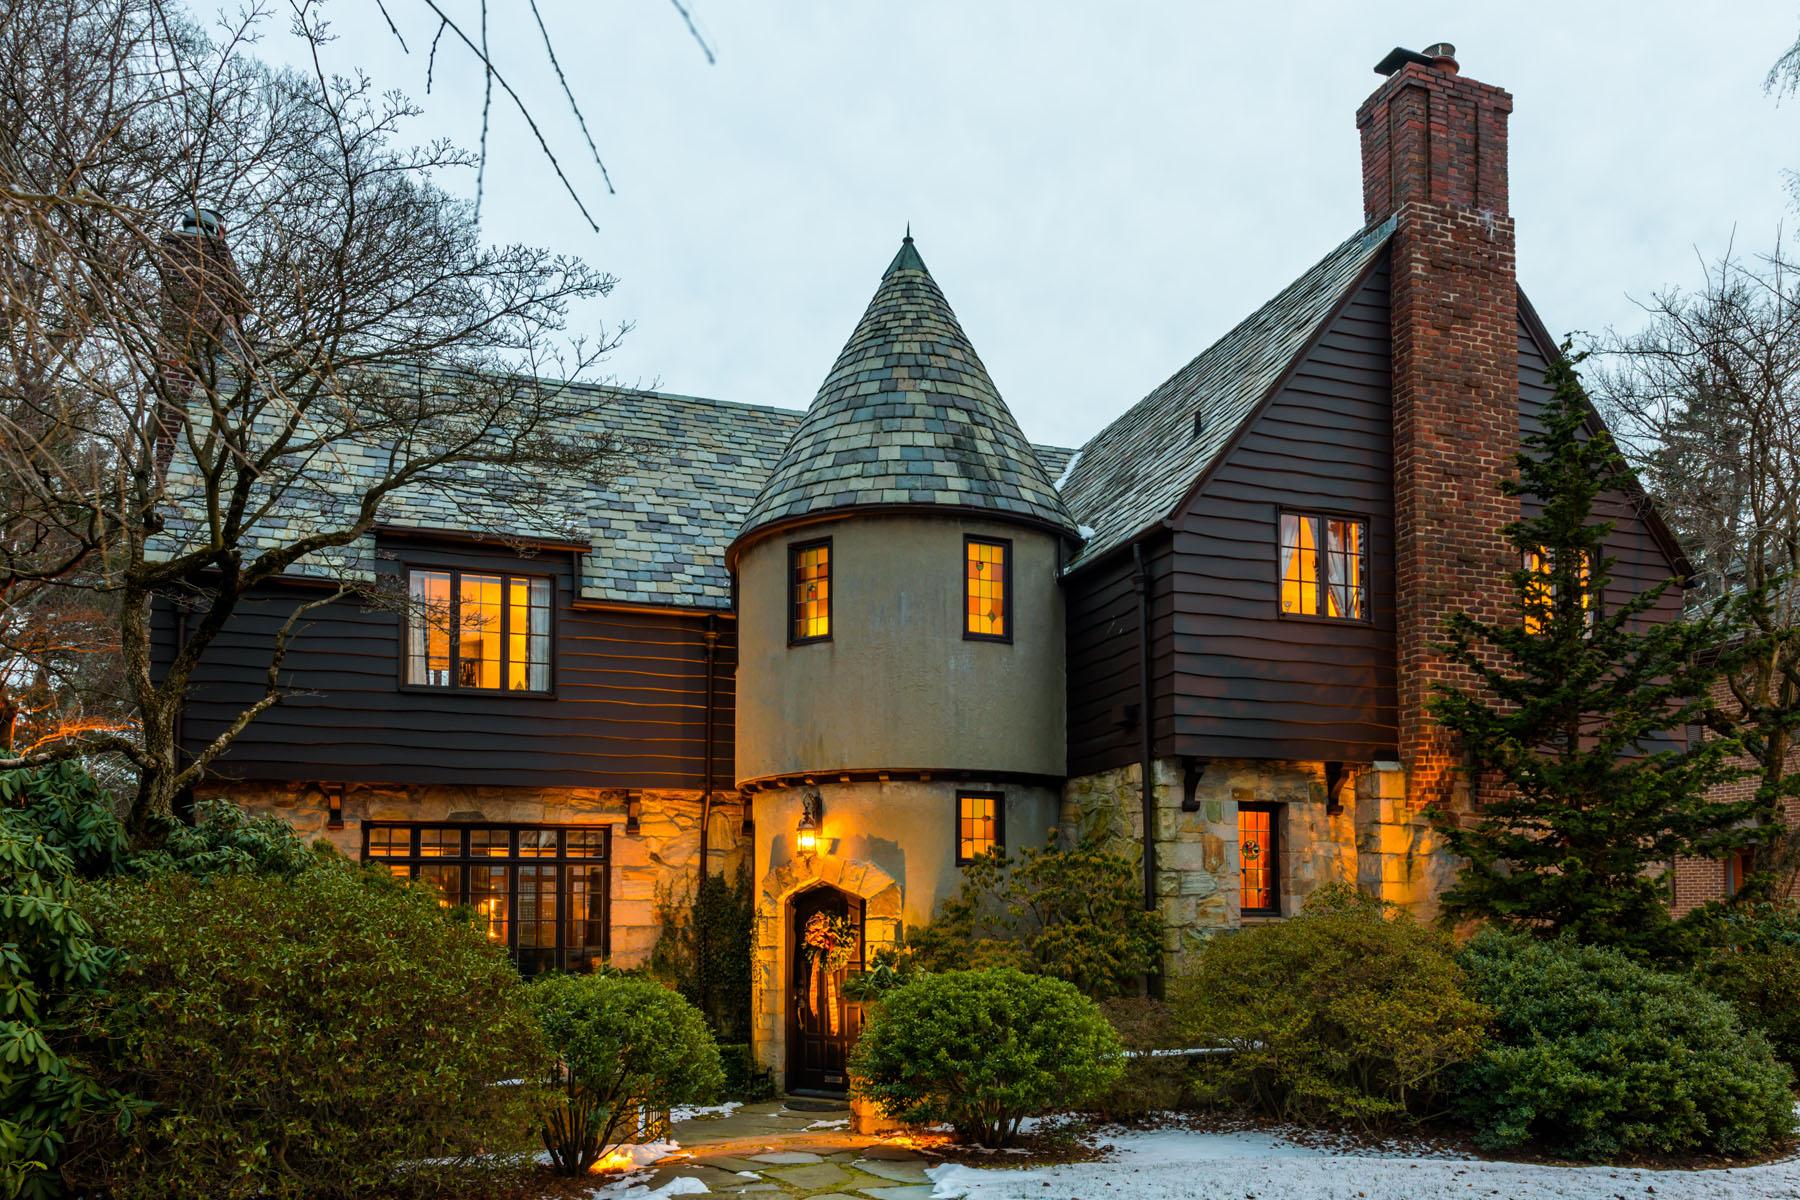 一戸建て のために 売買 アット 757 Elmgrove Av, East Side Of Prov, RI Providence, ロードアイランド, 02906 アメリカ合衆国